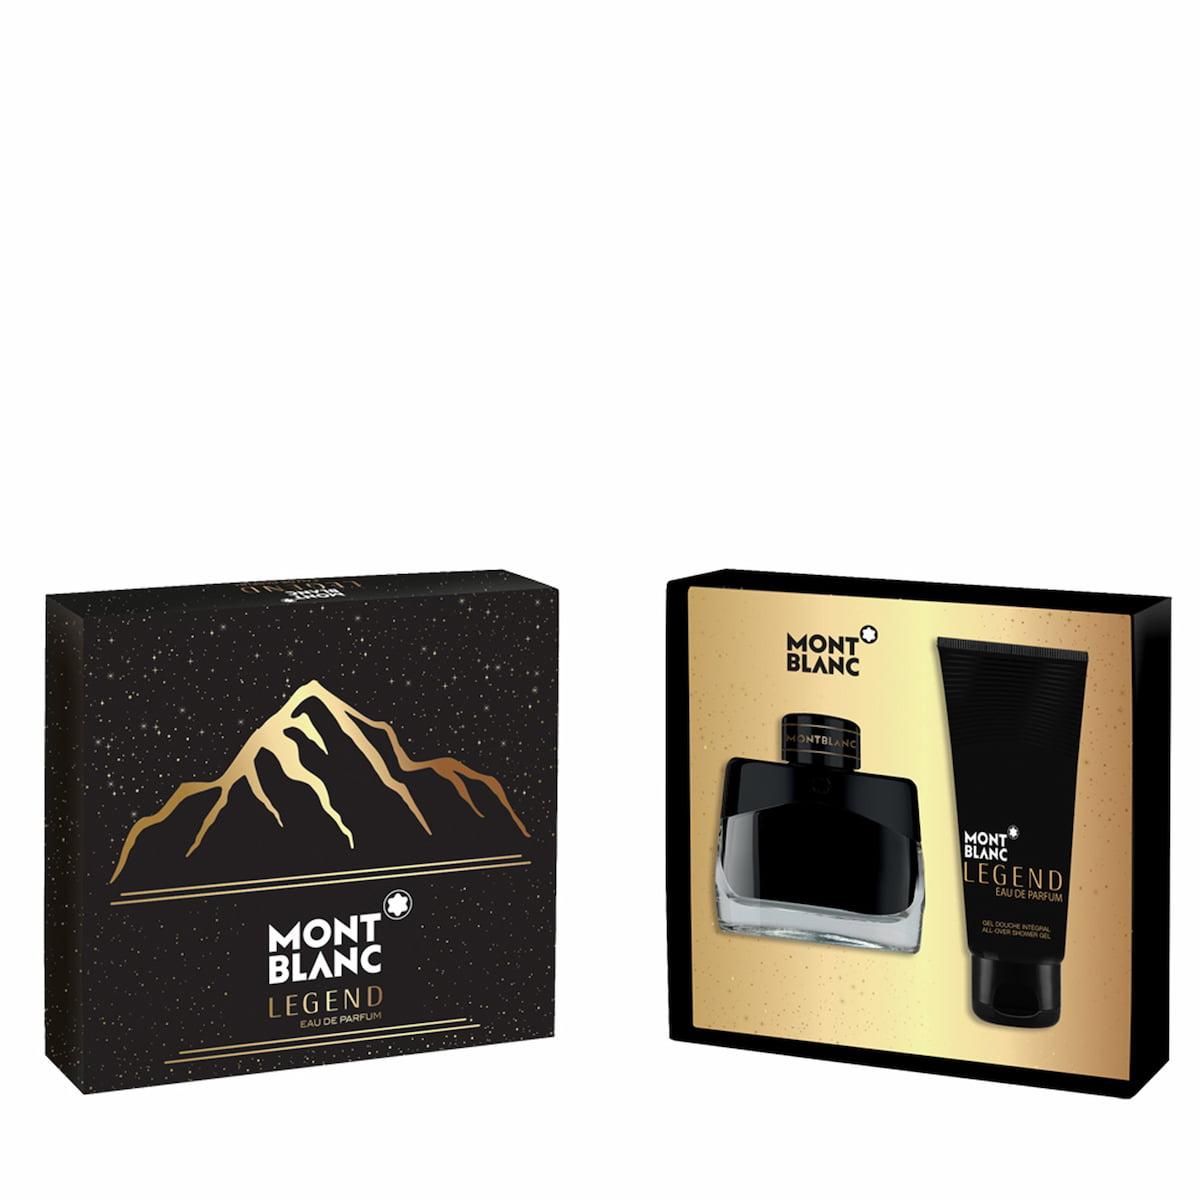 Coffret Montblanc Legend Eau de Parfum - MONTBLANC